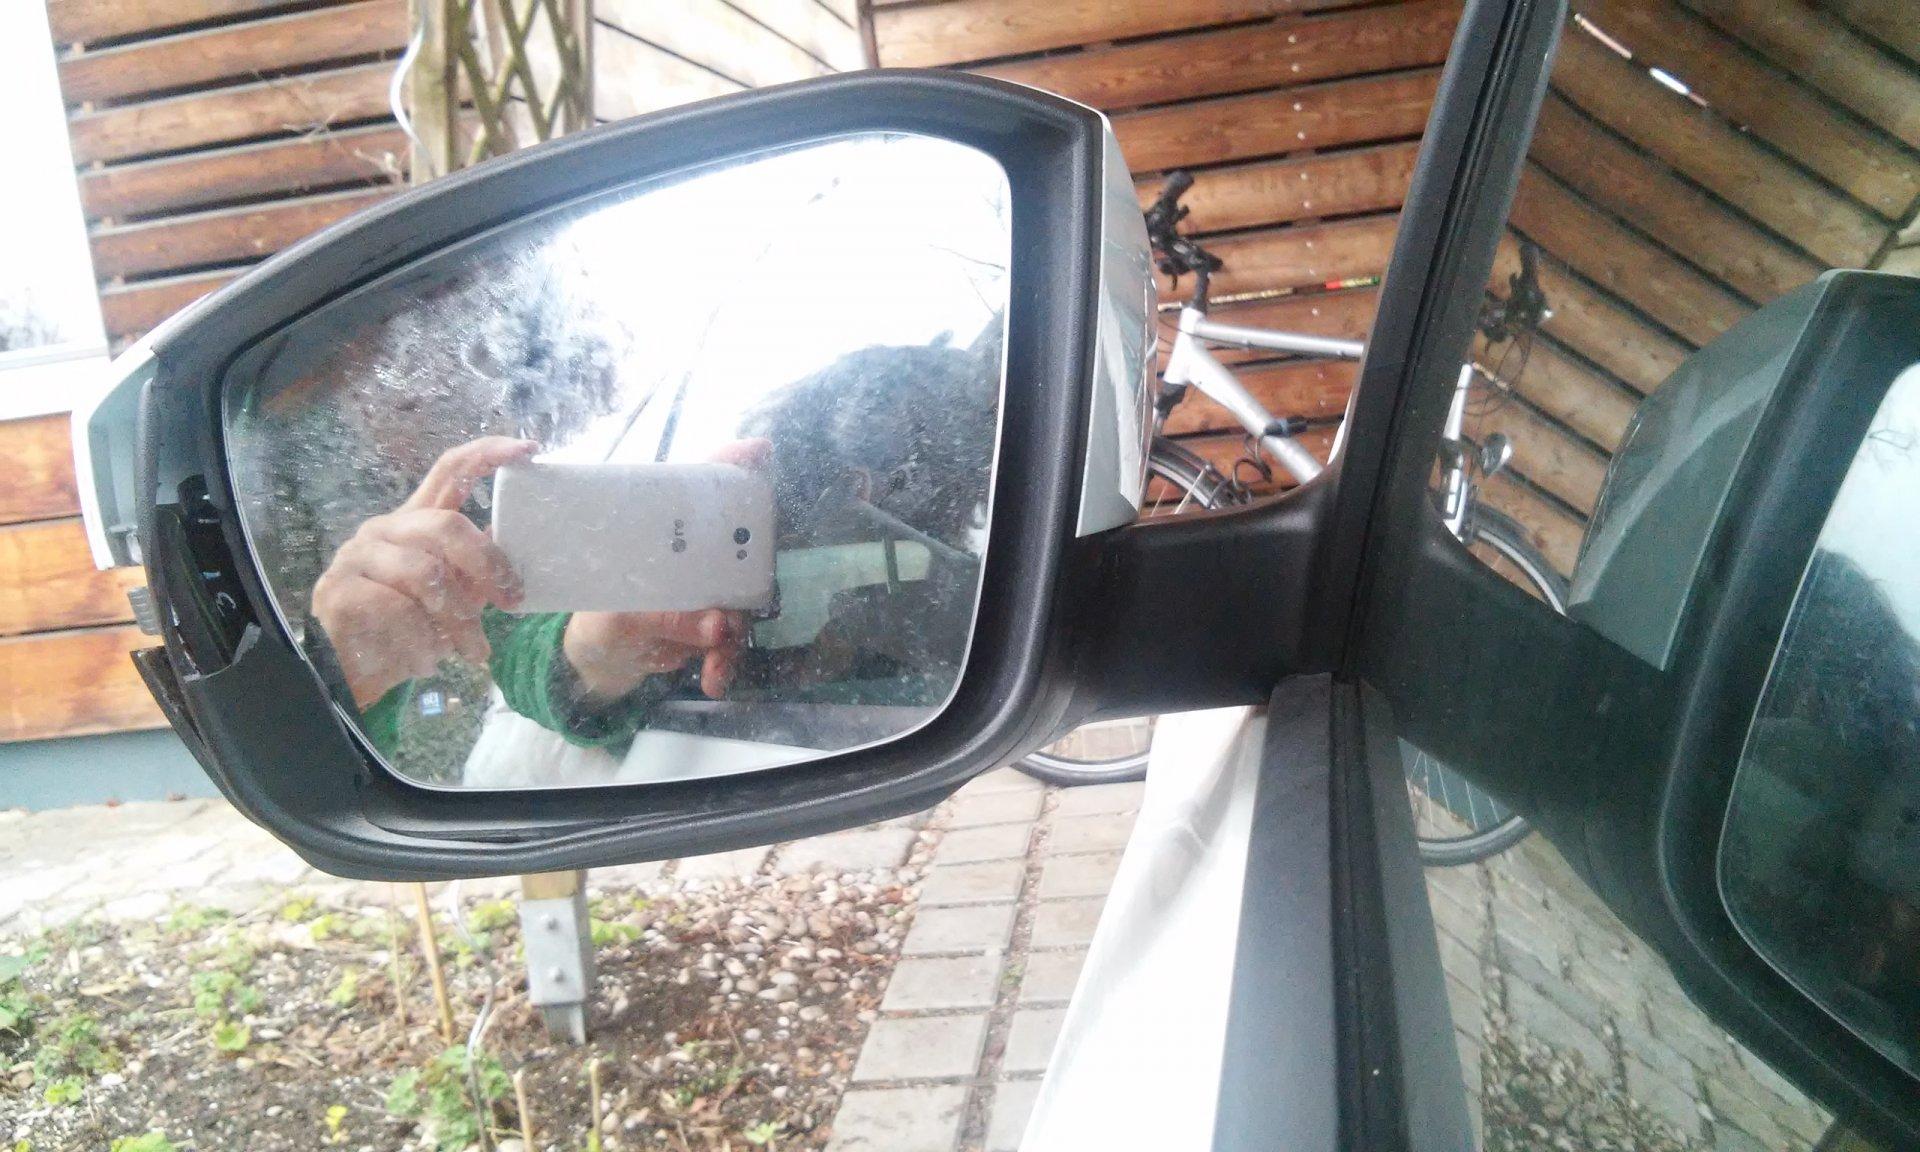 Au enspiegel reparieren octavia combi bj 2015 for Spiegel reparieren